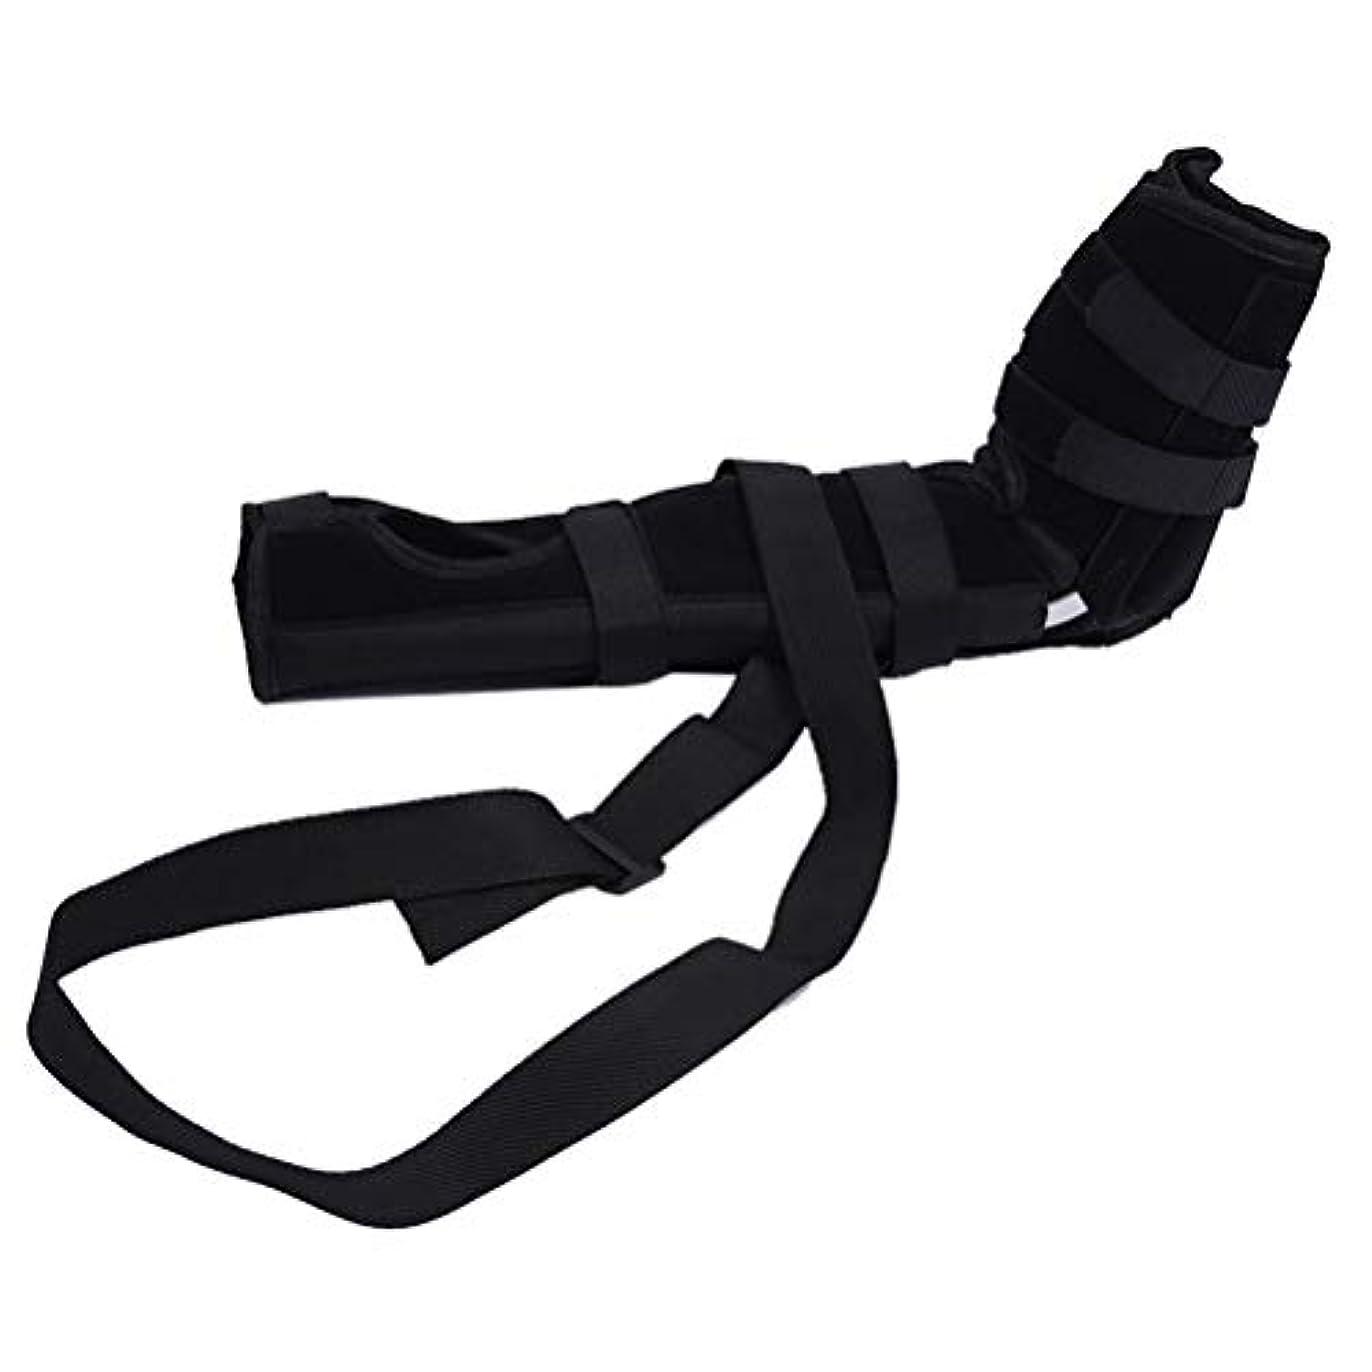 宿命ファンドシャワーSUPVOX 肘ブレース 関節サポート アームリーダー 保護 固定 腕つり 関節 保護 男女兼用 調節可能 通気性 術後ケアブレース(ブラック サイズS)